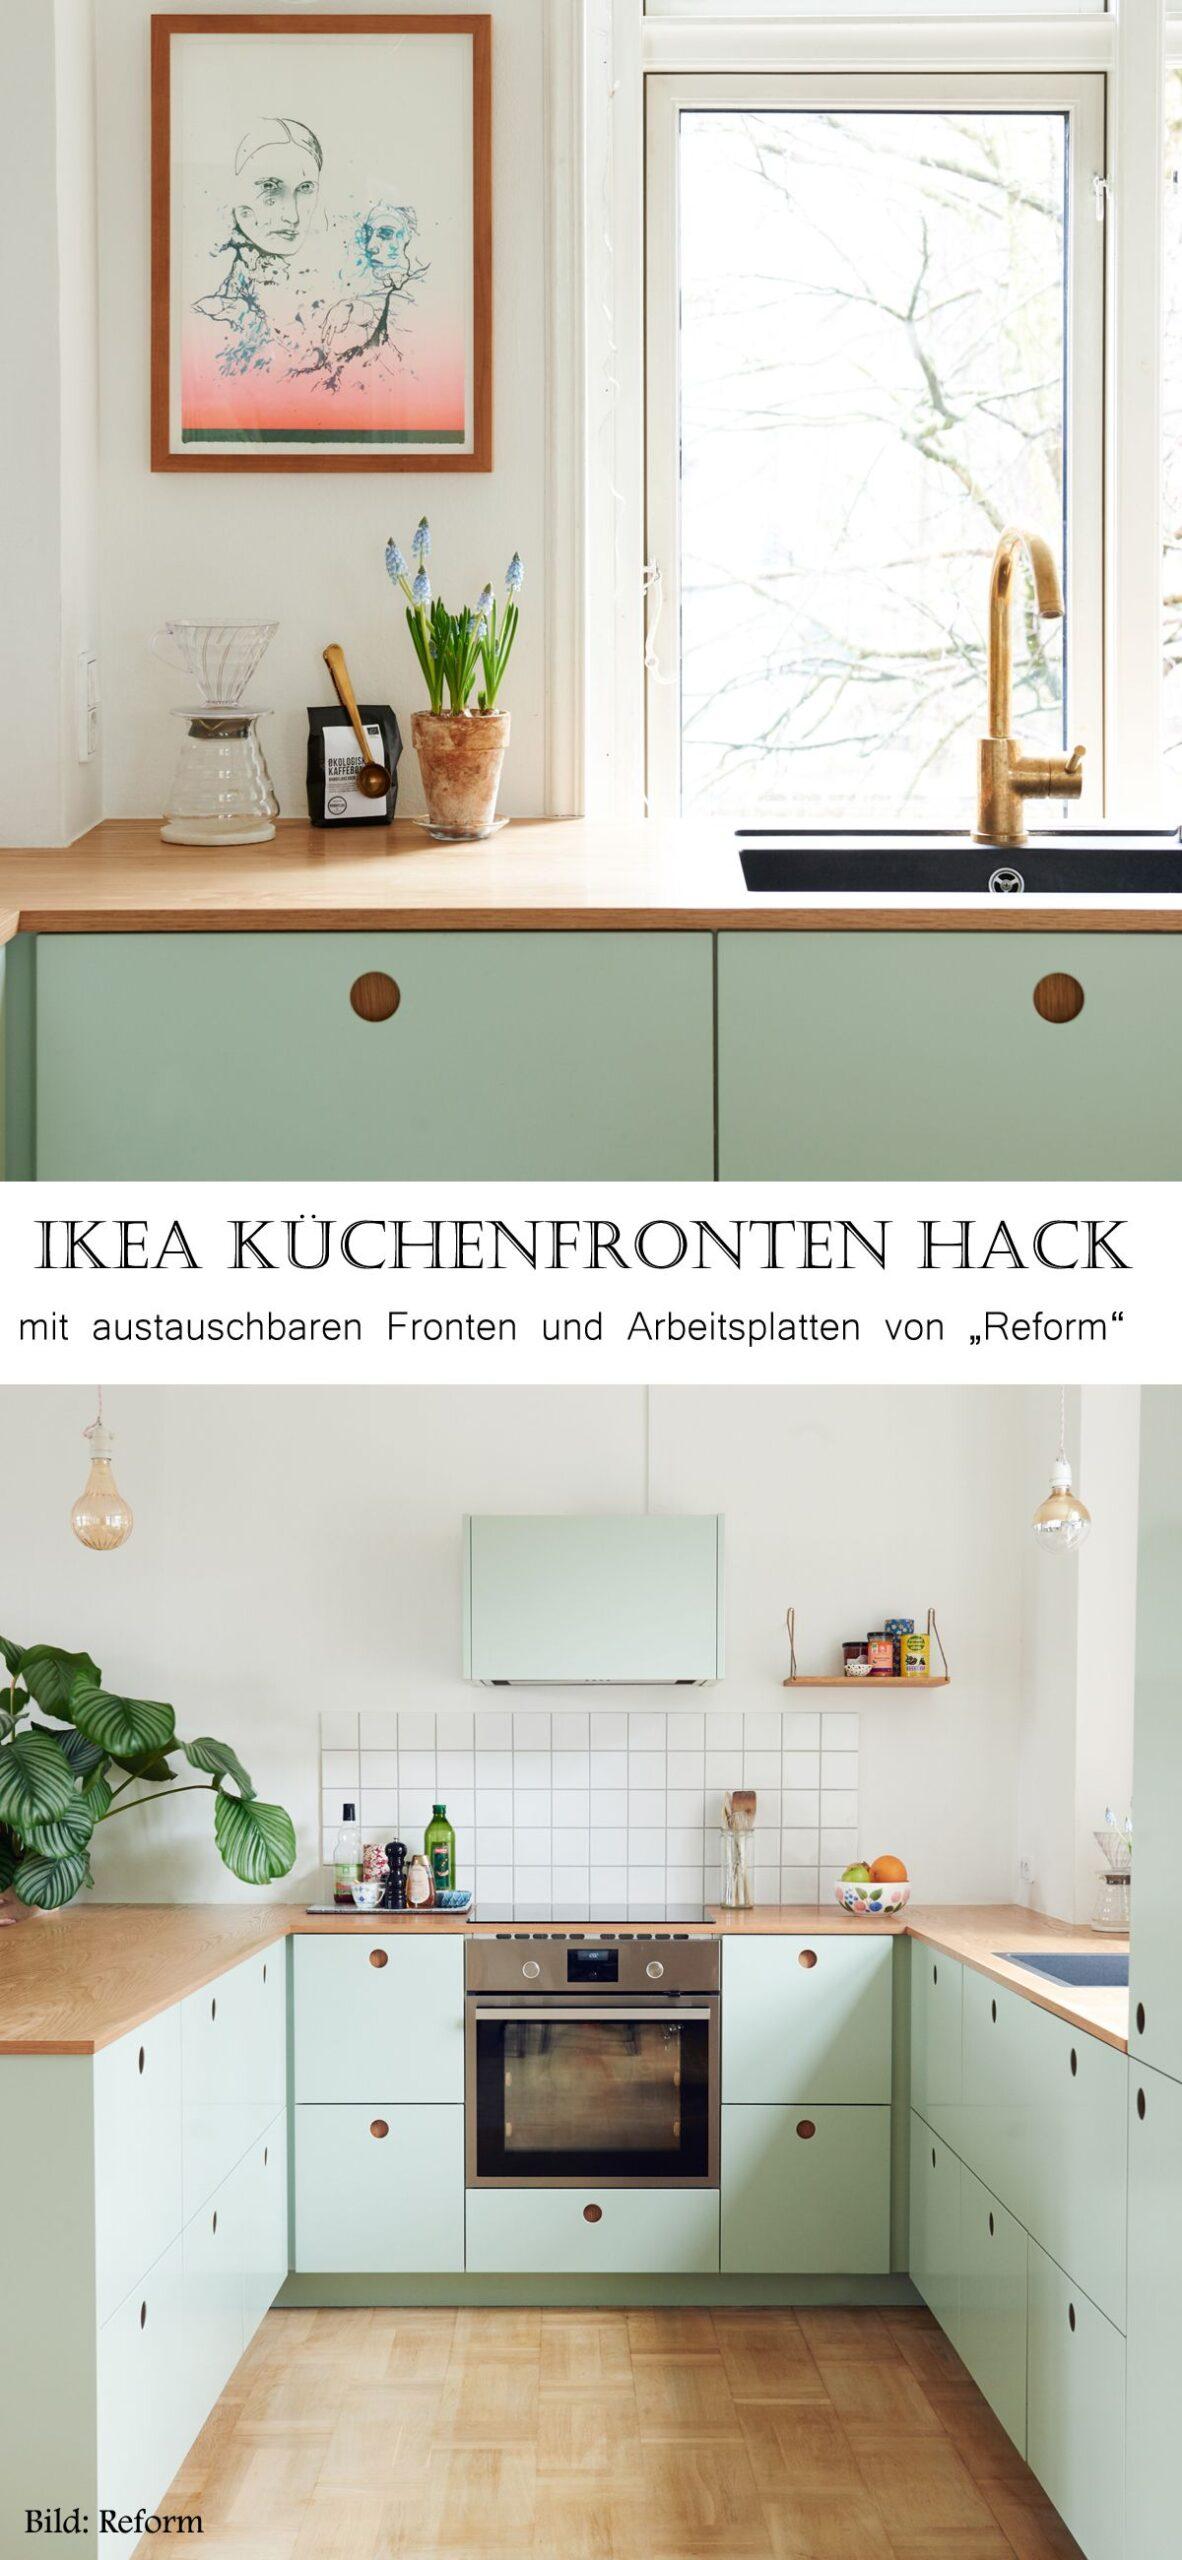 Full Size of Küche Deko Ikea Kchenfronten Pimpen Kchen Fronten Sideboard Landküche Nobilia Arbeitsschuhe Holzküche Pendelleuchte Planen Kostenlos Billig Schreinerküche Wohnzimmer Küche Deko Ikea